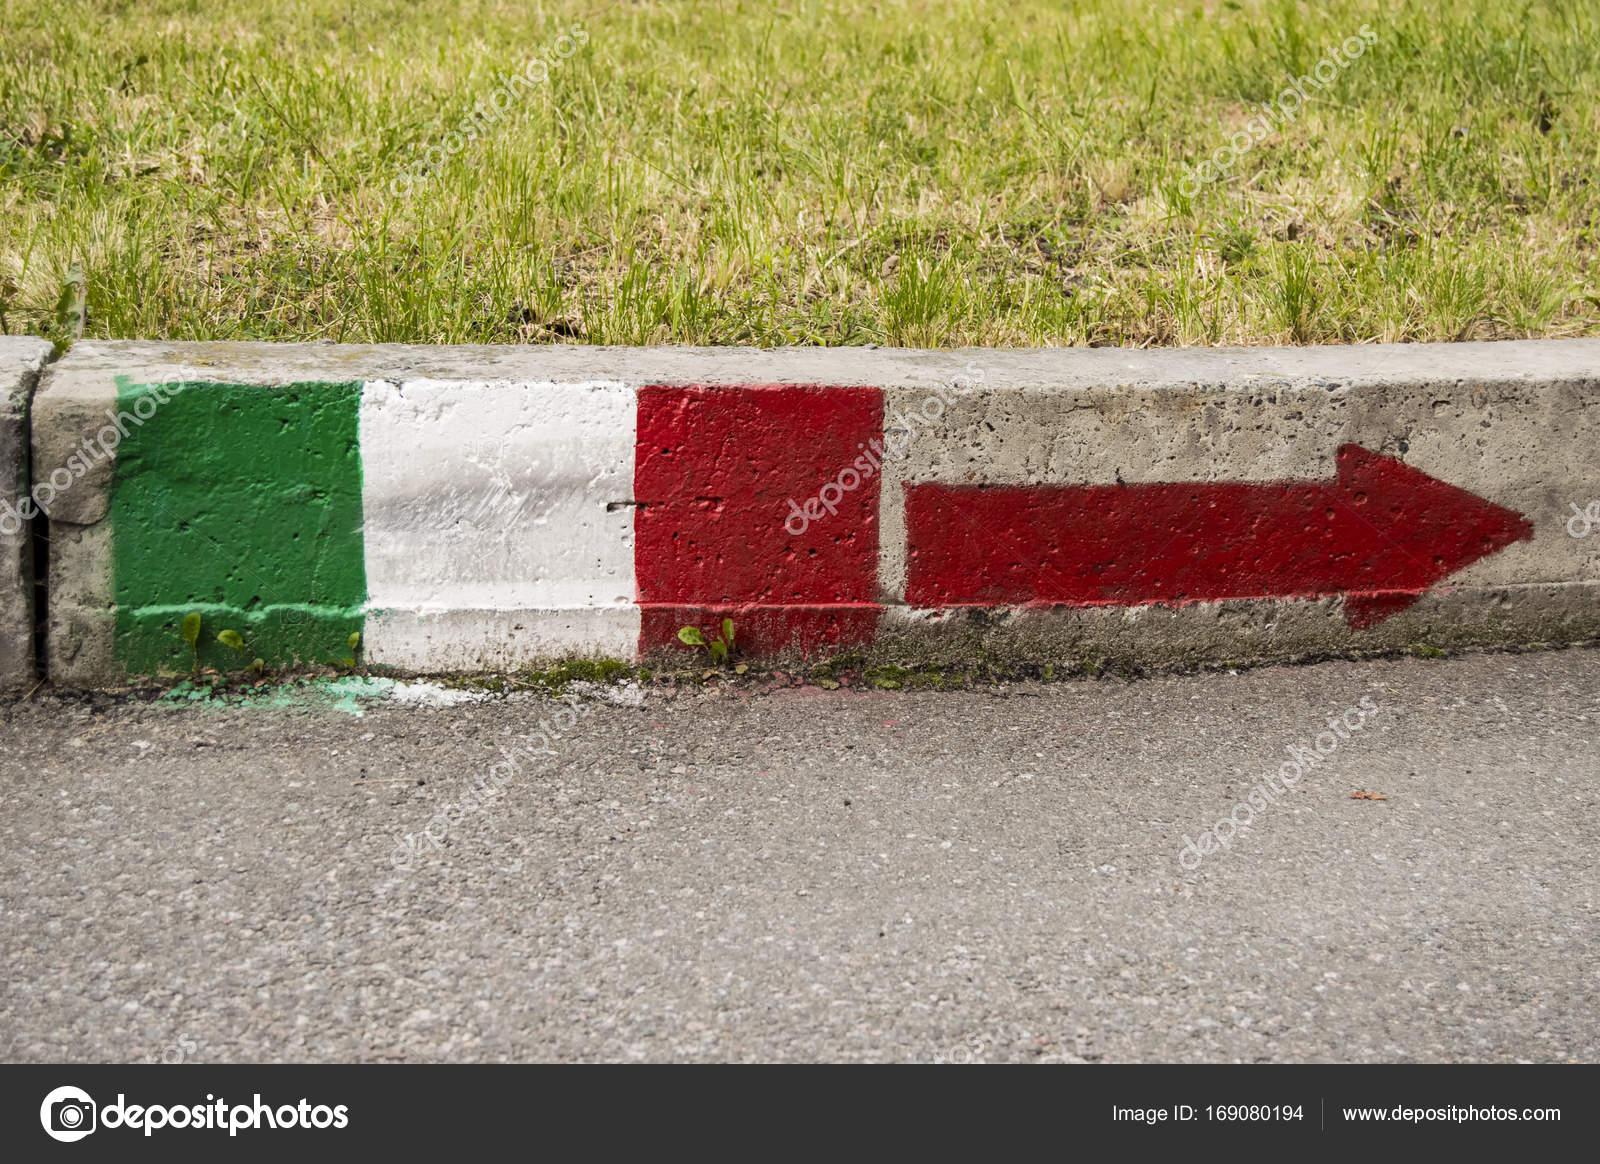 Italya Bayrağı Yol Sağa Işaret Eden Ok Ile Boya Ile Asfalt Ve